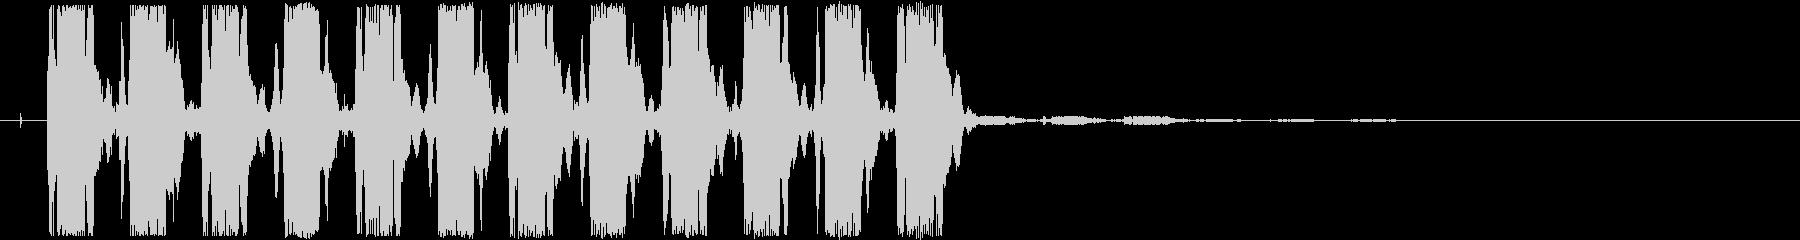 警告音-ydxの未再生の波形